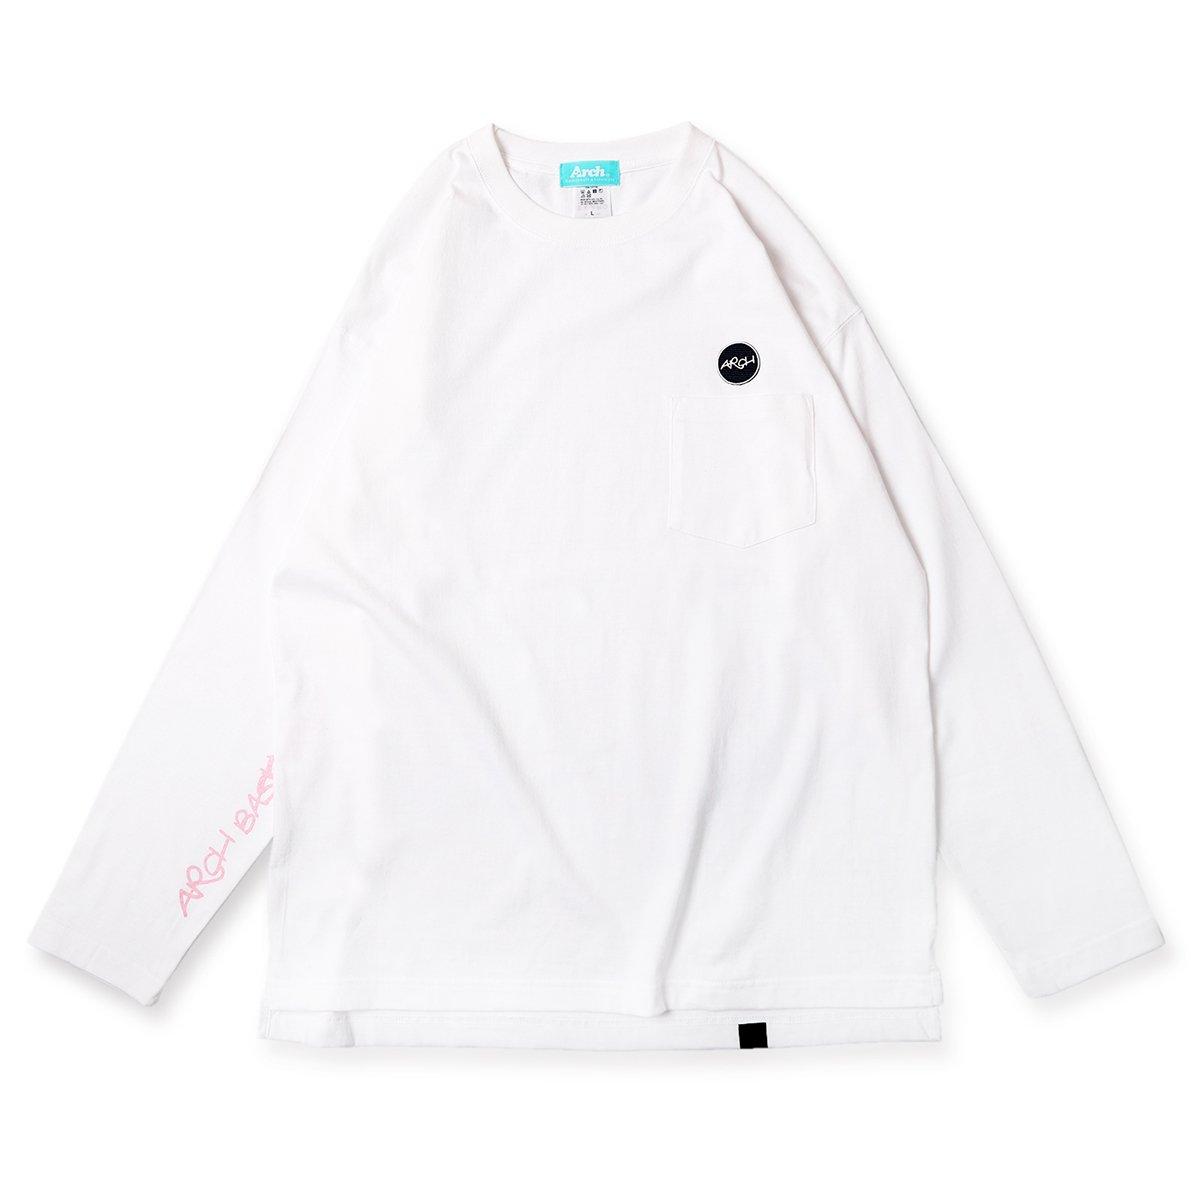 バスケ アーチ パッチド ポケット L/S ホワイト